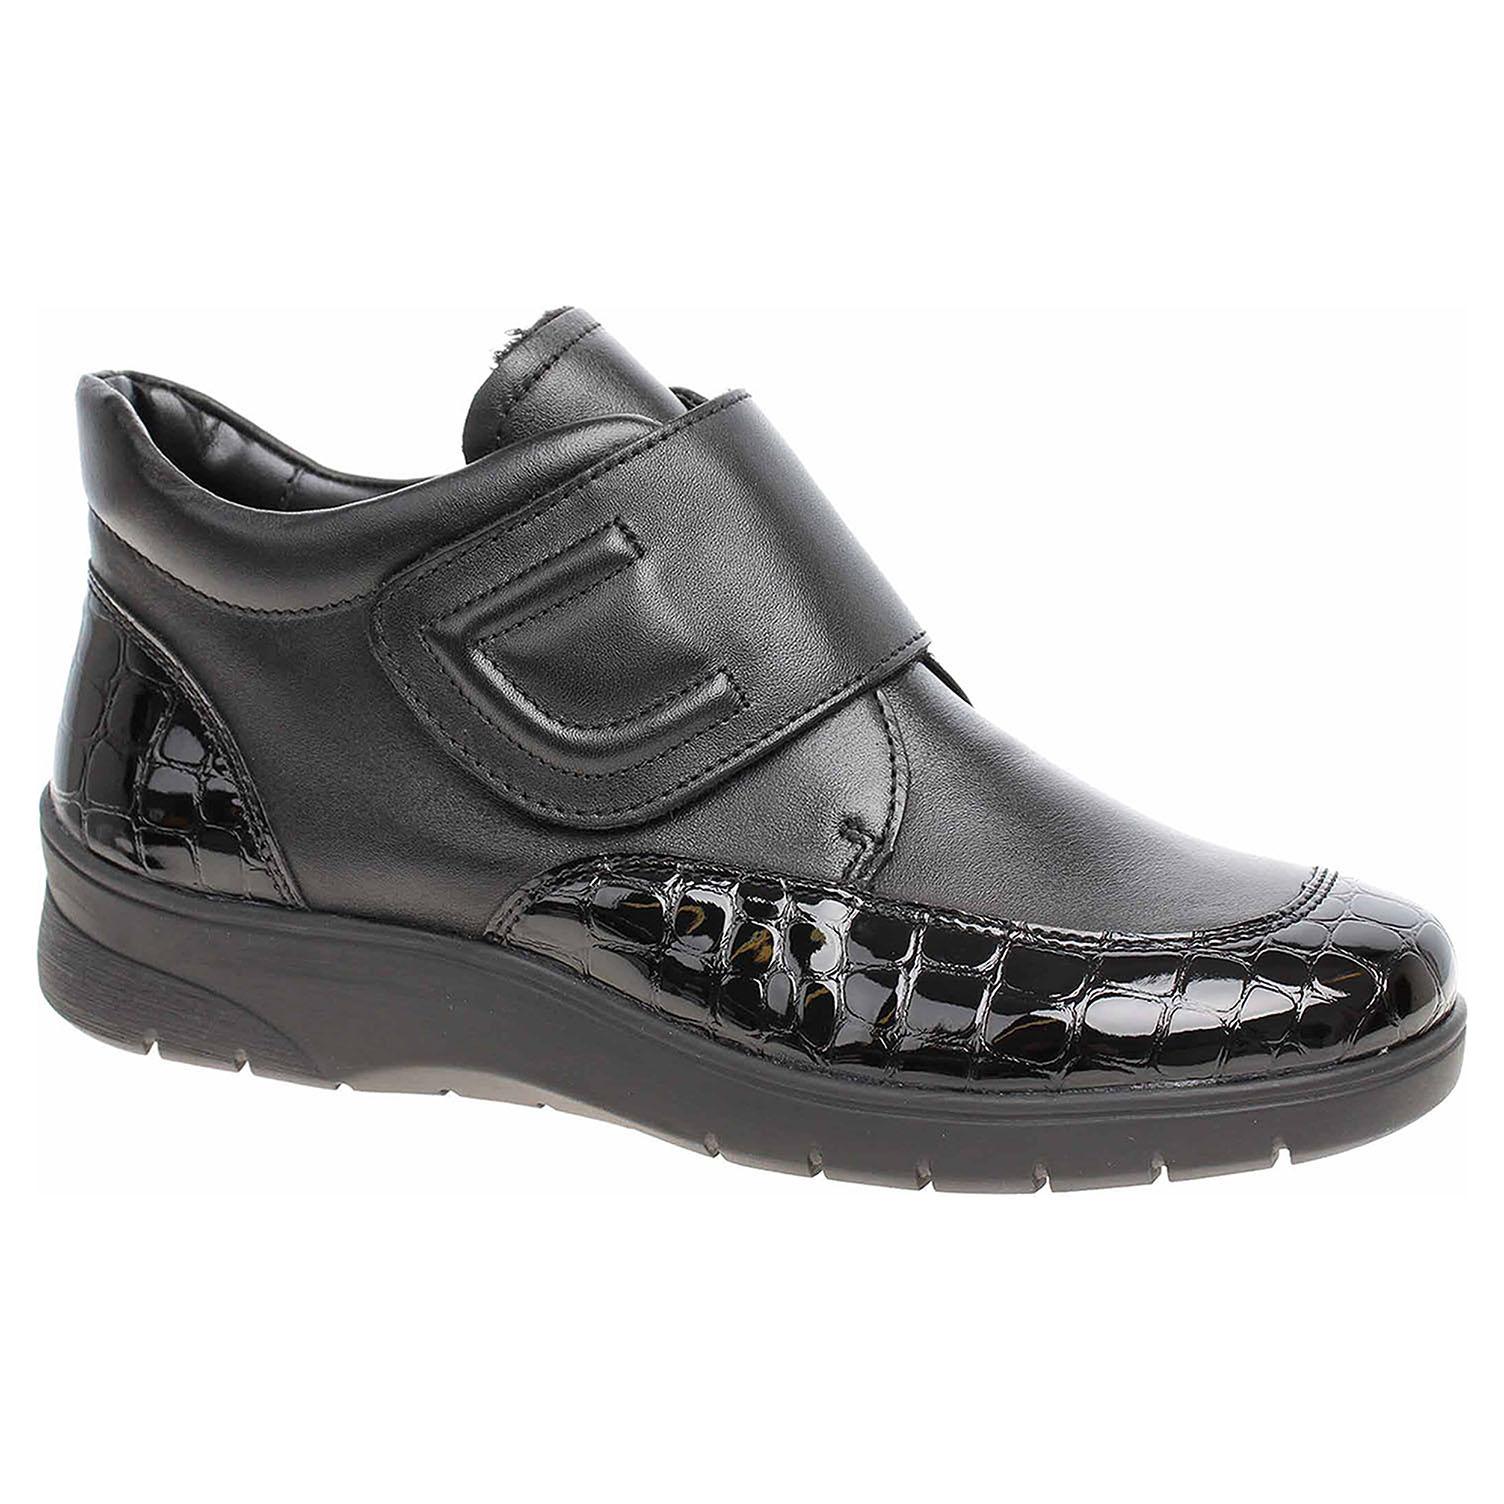 3209c30b861f Ecco Dámská kotníková obuv Ara 12-41054-65 schwarz 22400718